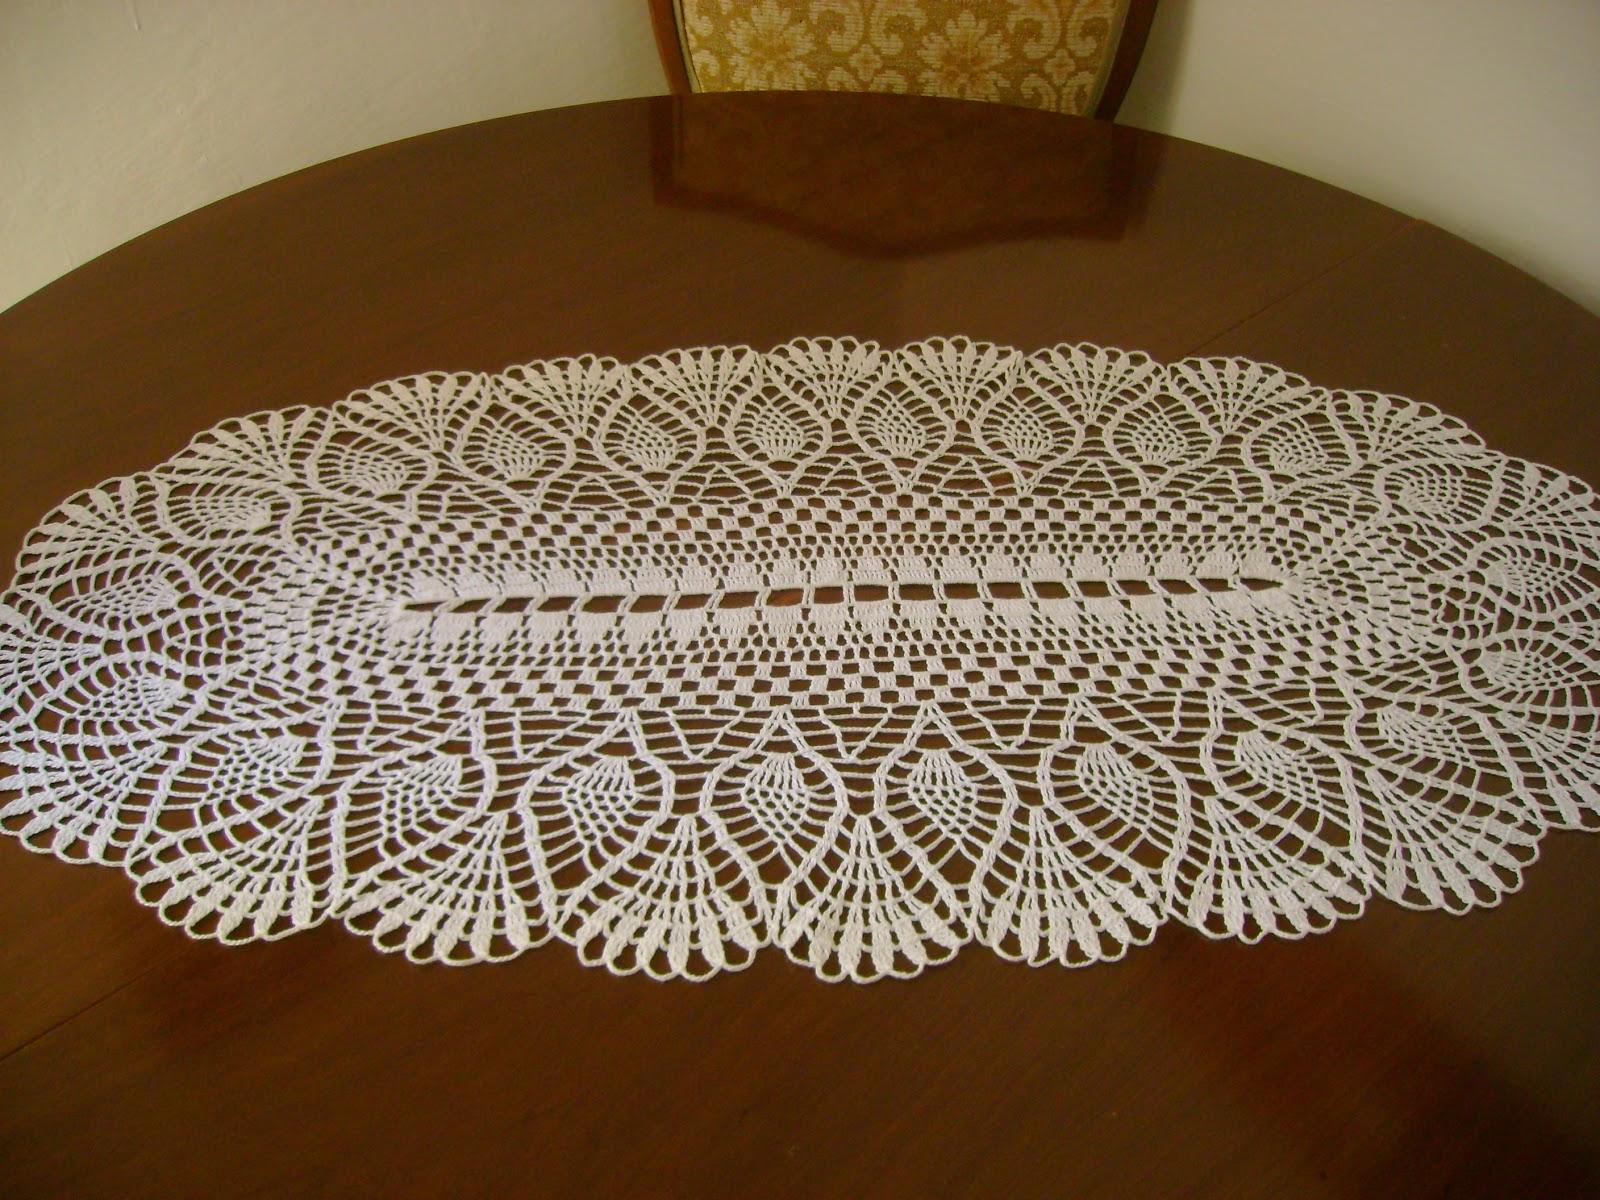 Crochet On Sale Lovely Crochet Runners For Your Sweet Home